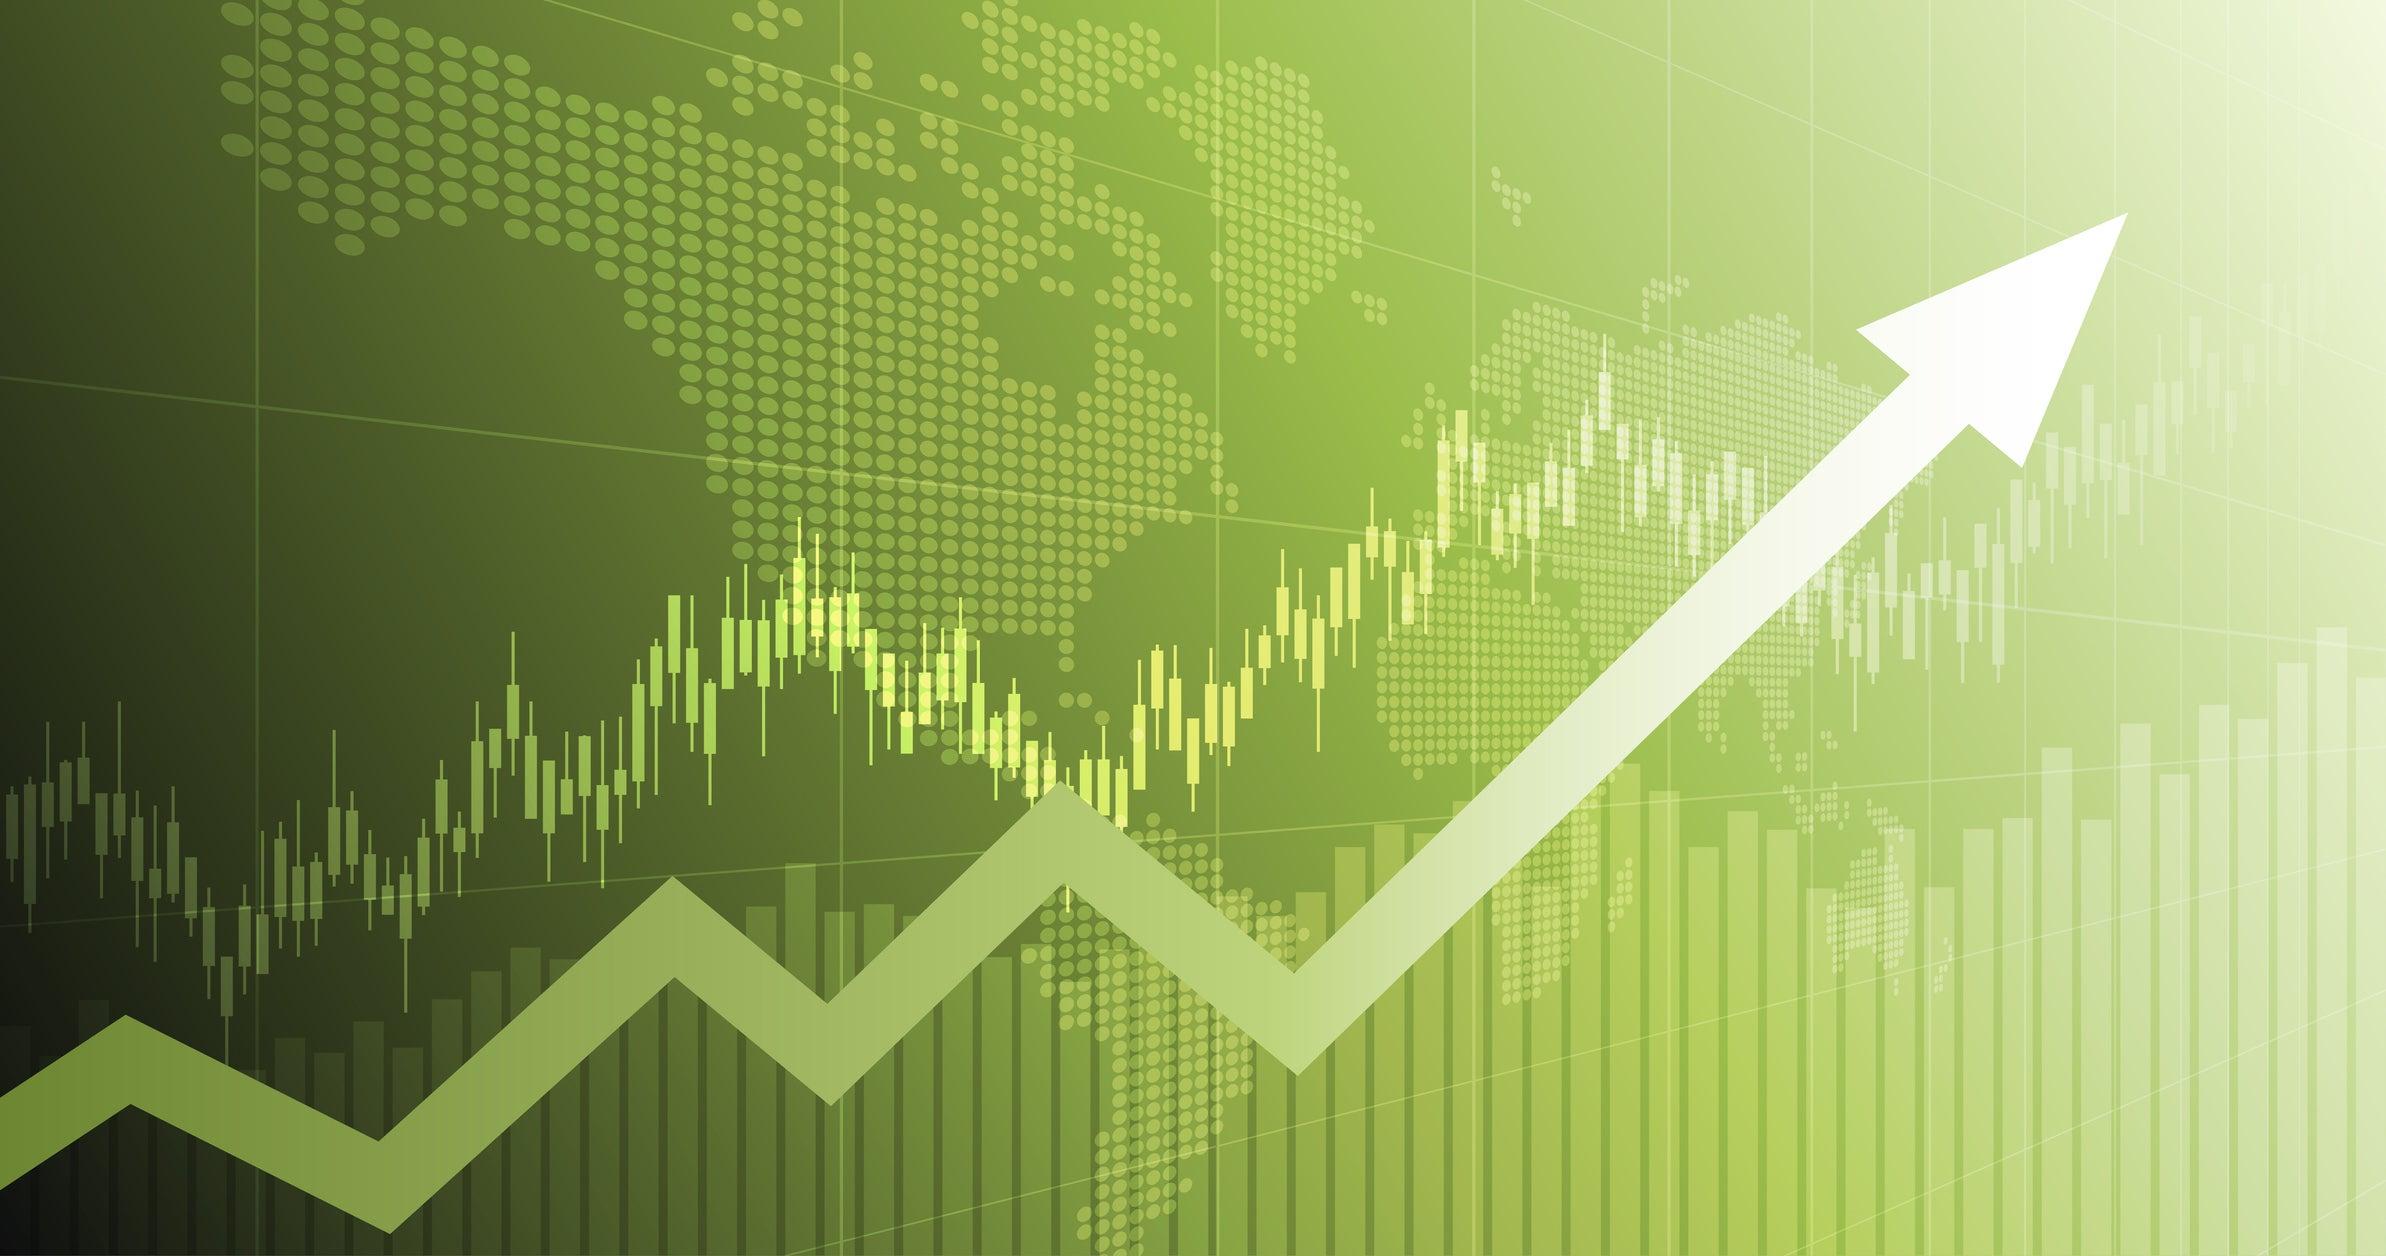 Le rinnovabili pronte alla crescita definitiva